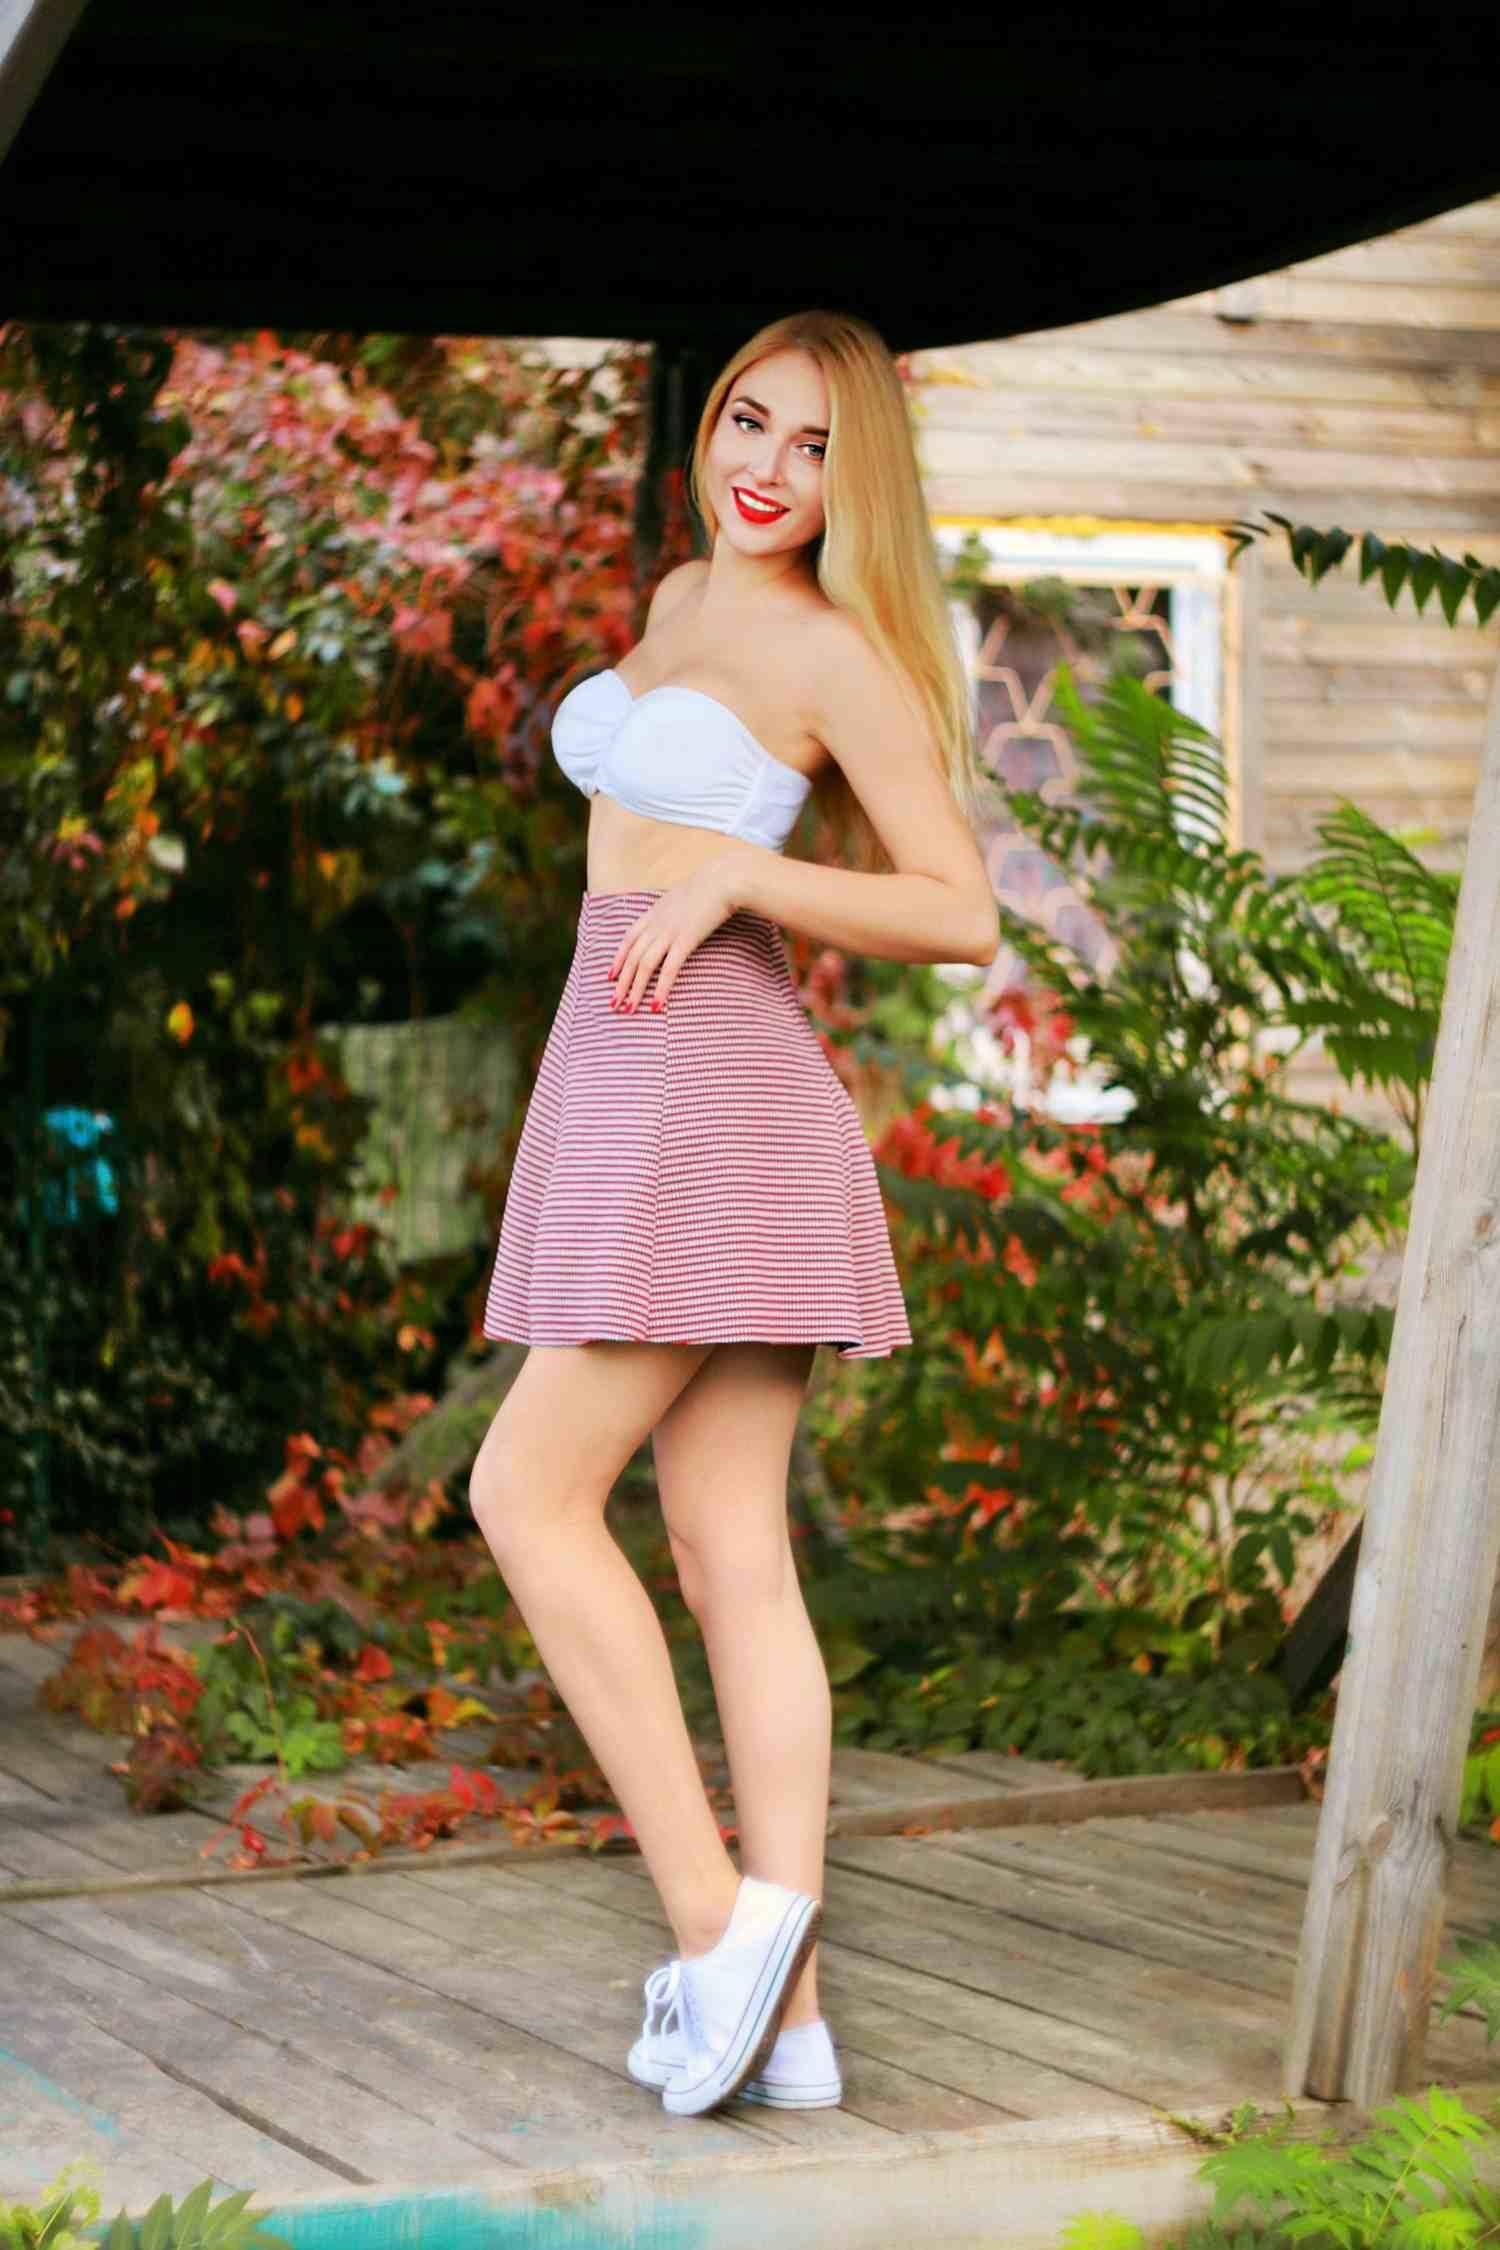 StephanieMood